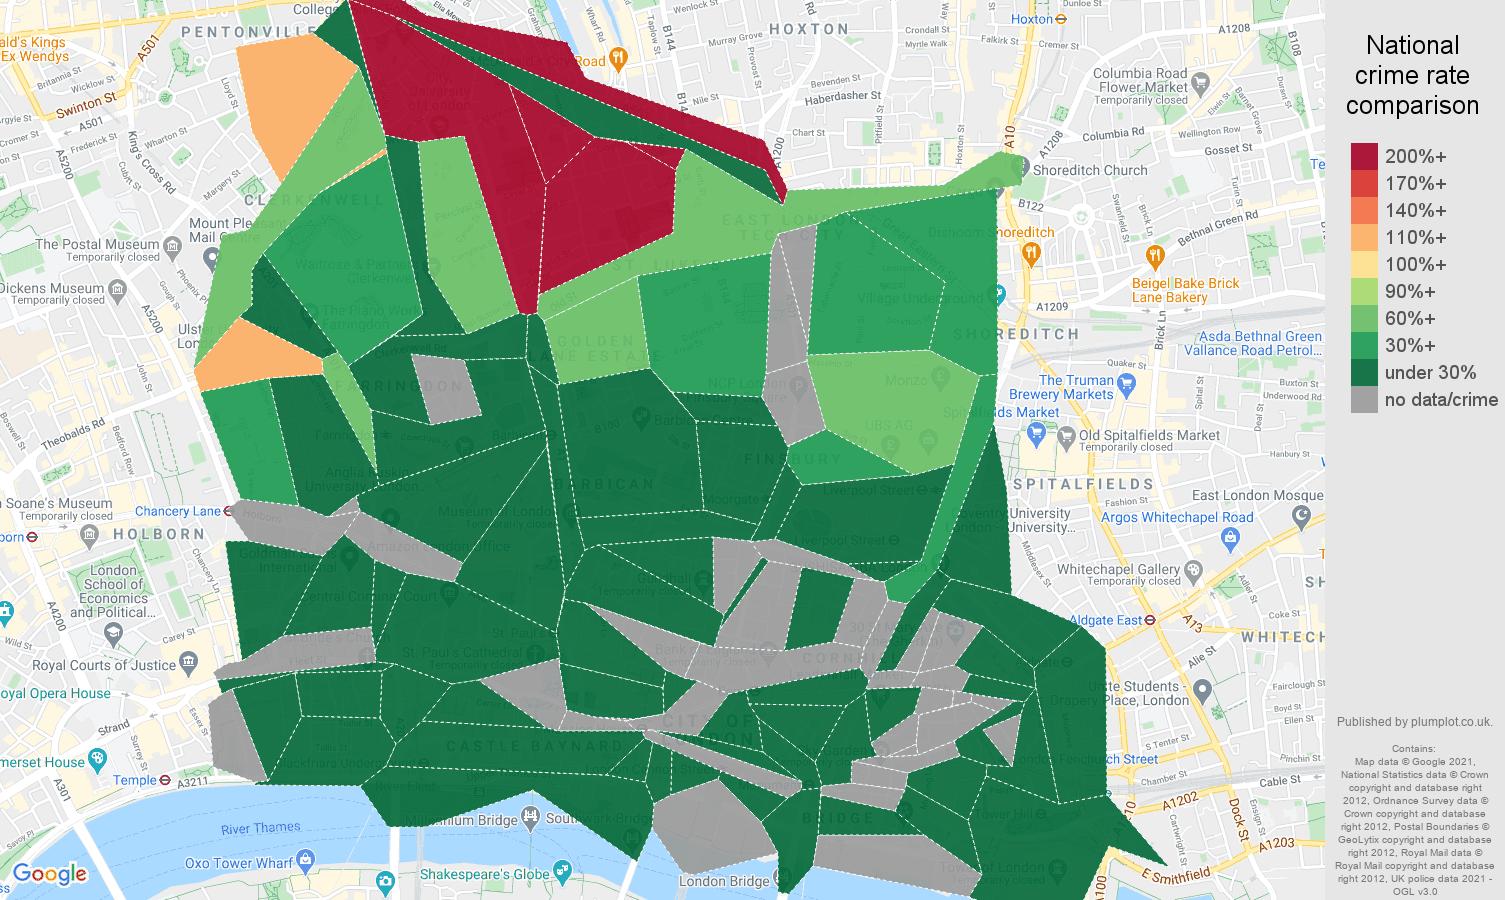 East Central London antisocial behaviour crime rate comparison map